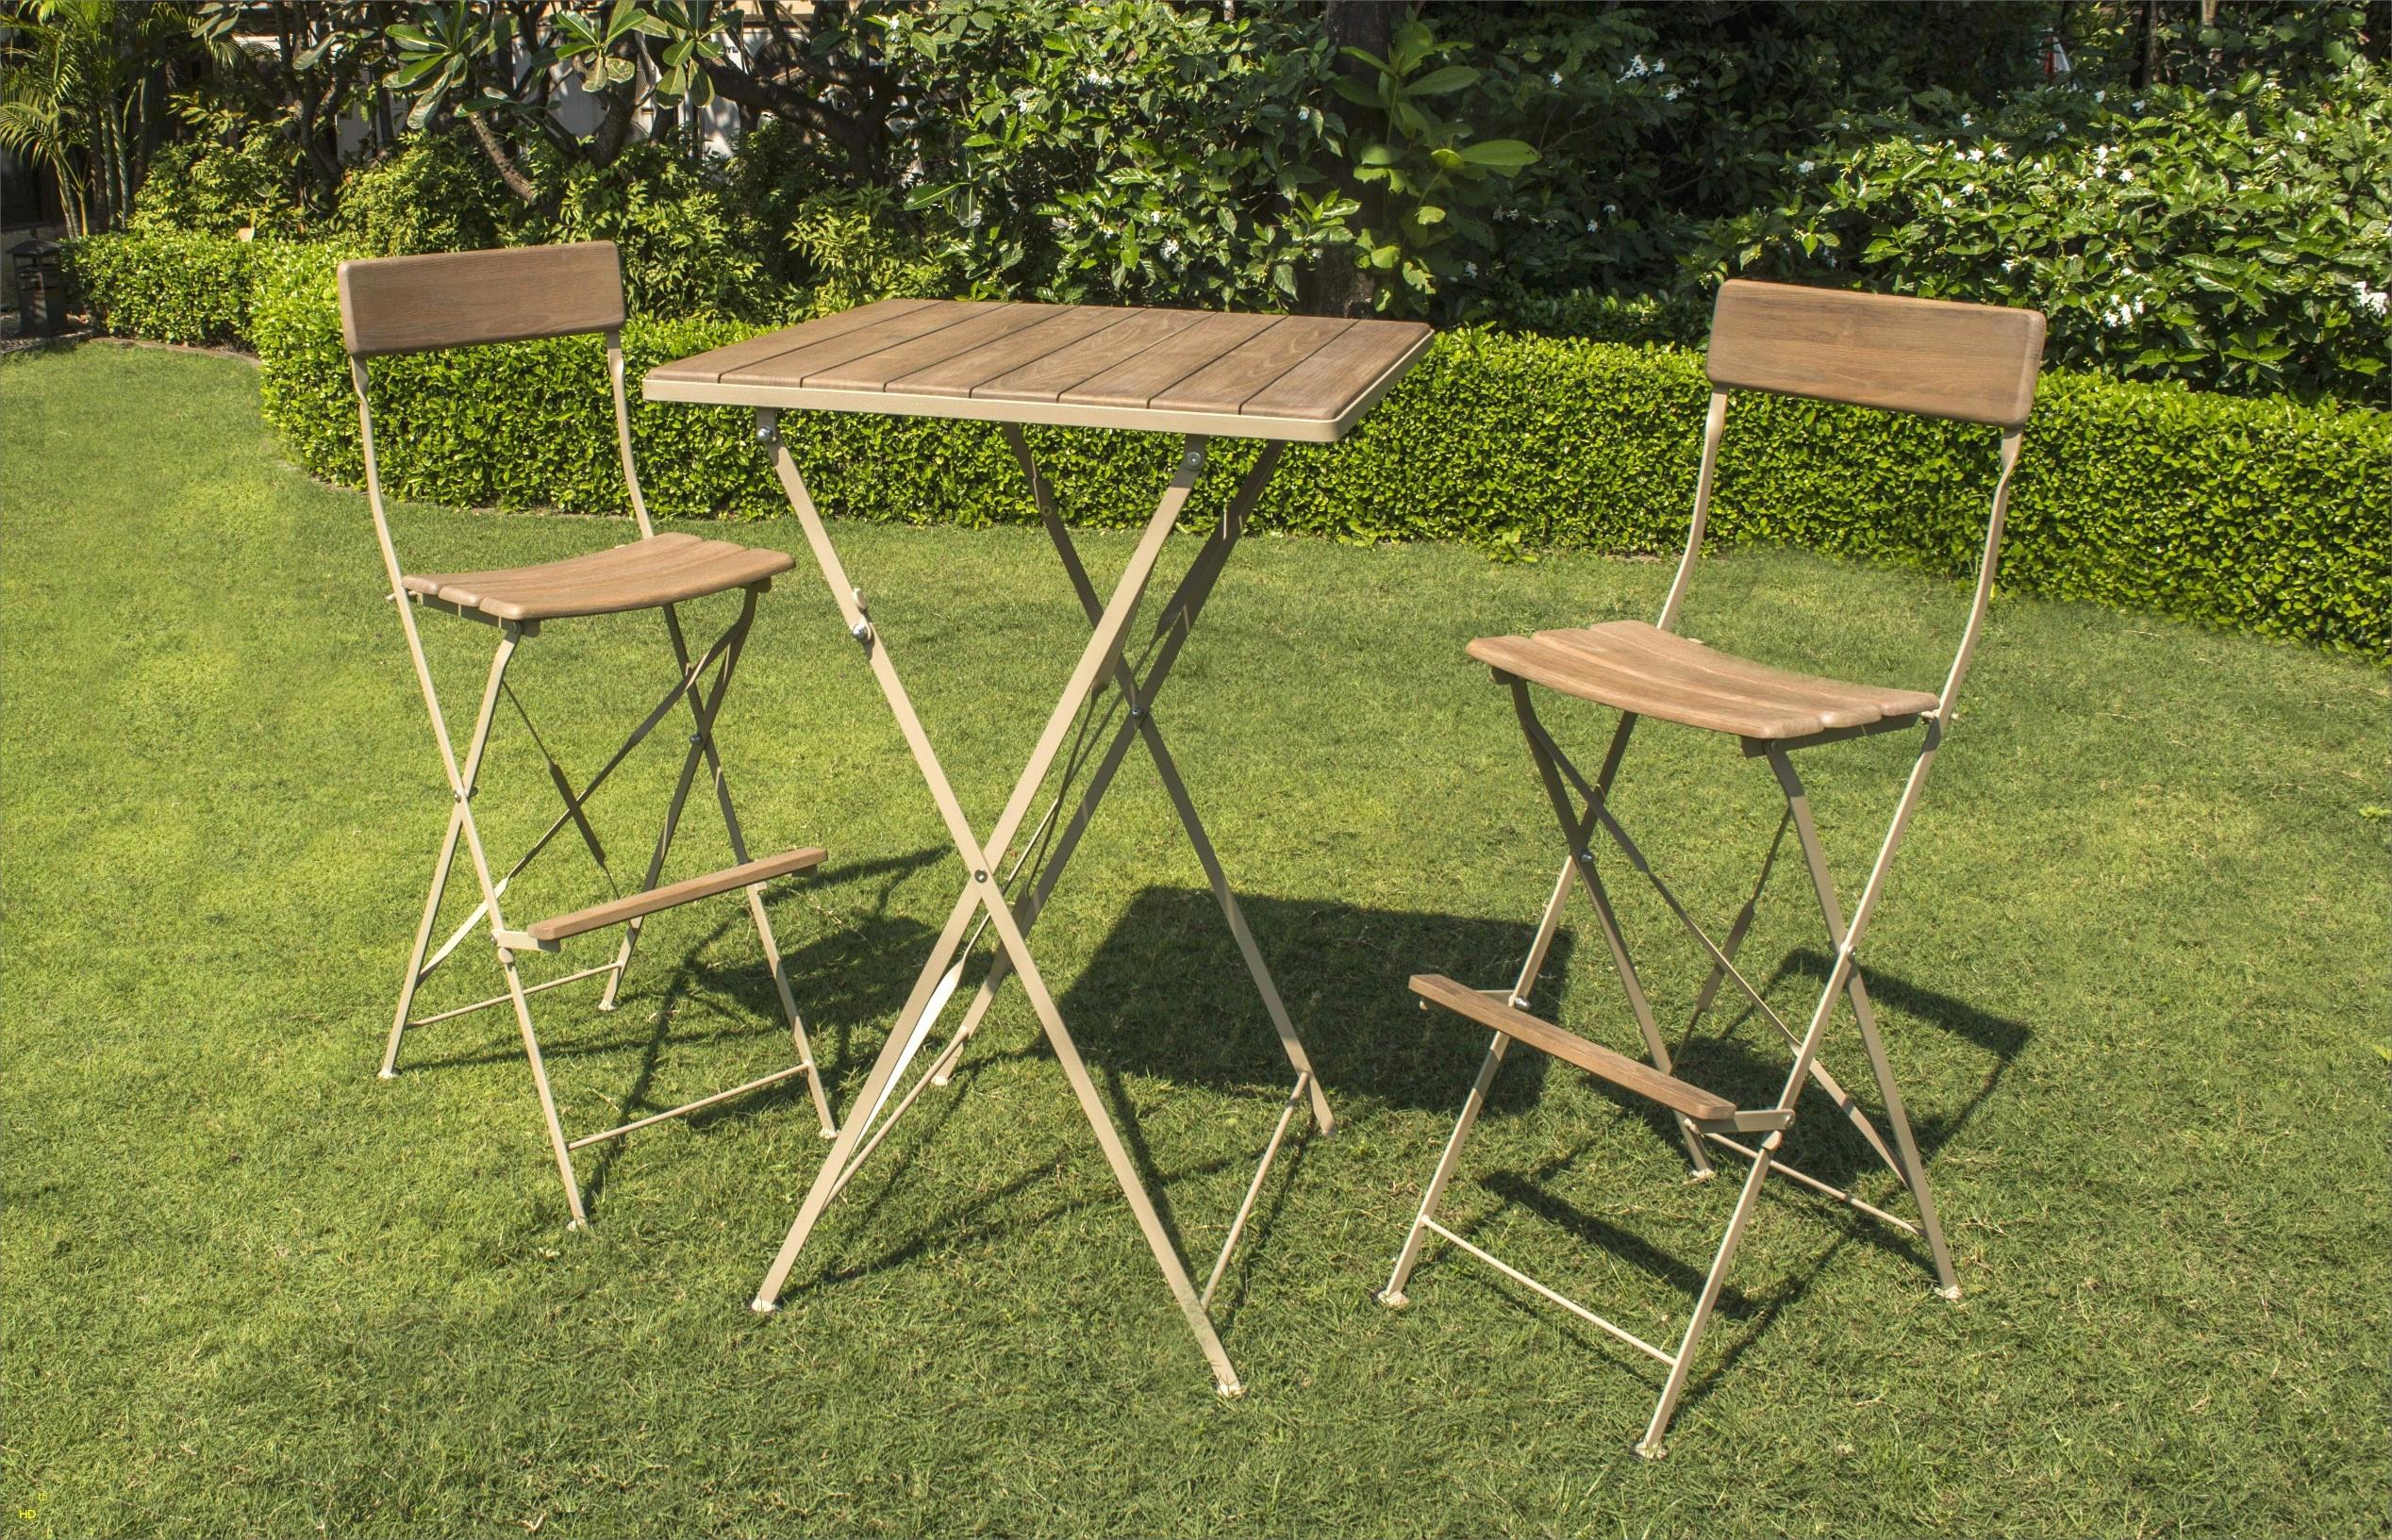 Picnic Bois Table Mr Bricolage De Photographie Jardin Hqtsrd concernant Salon De Jardin Mr Bricolage